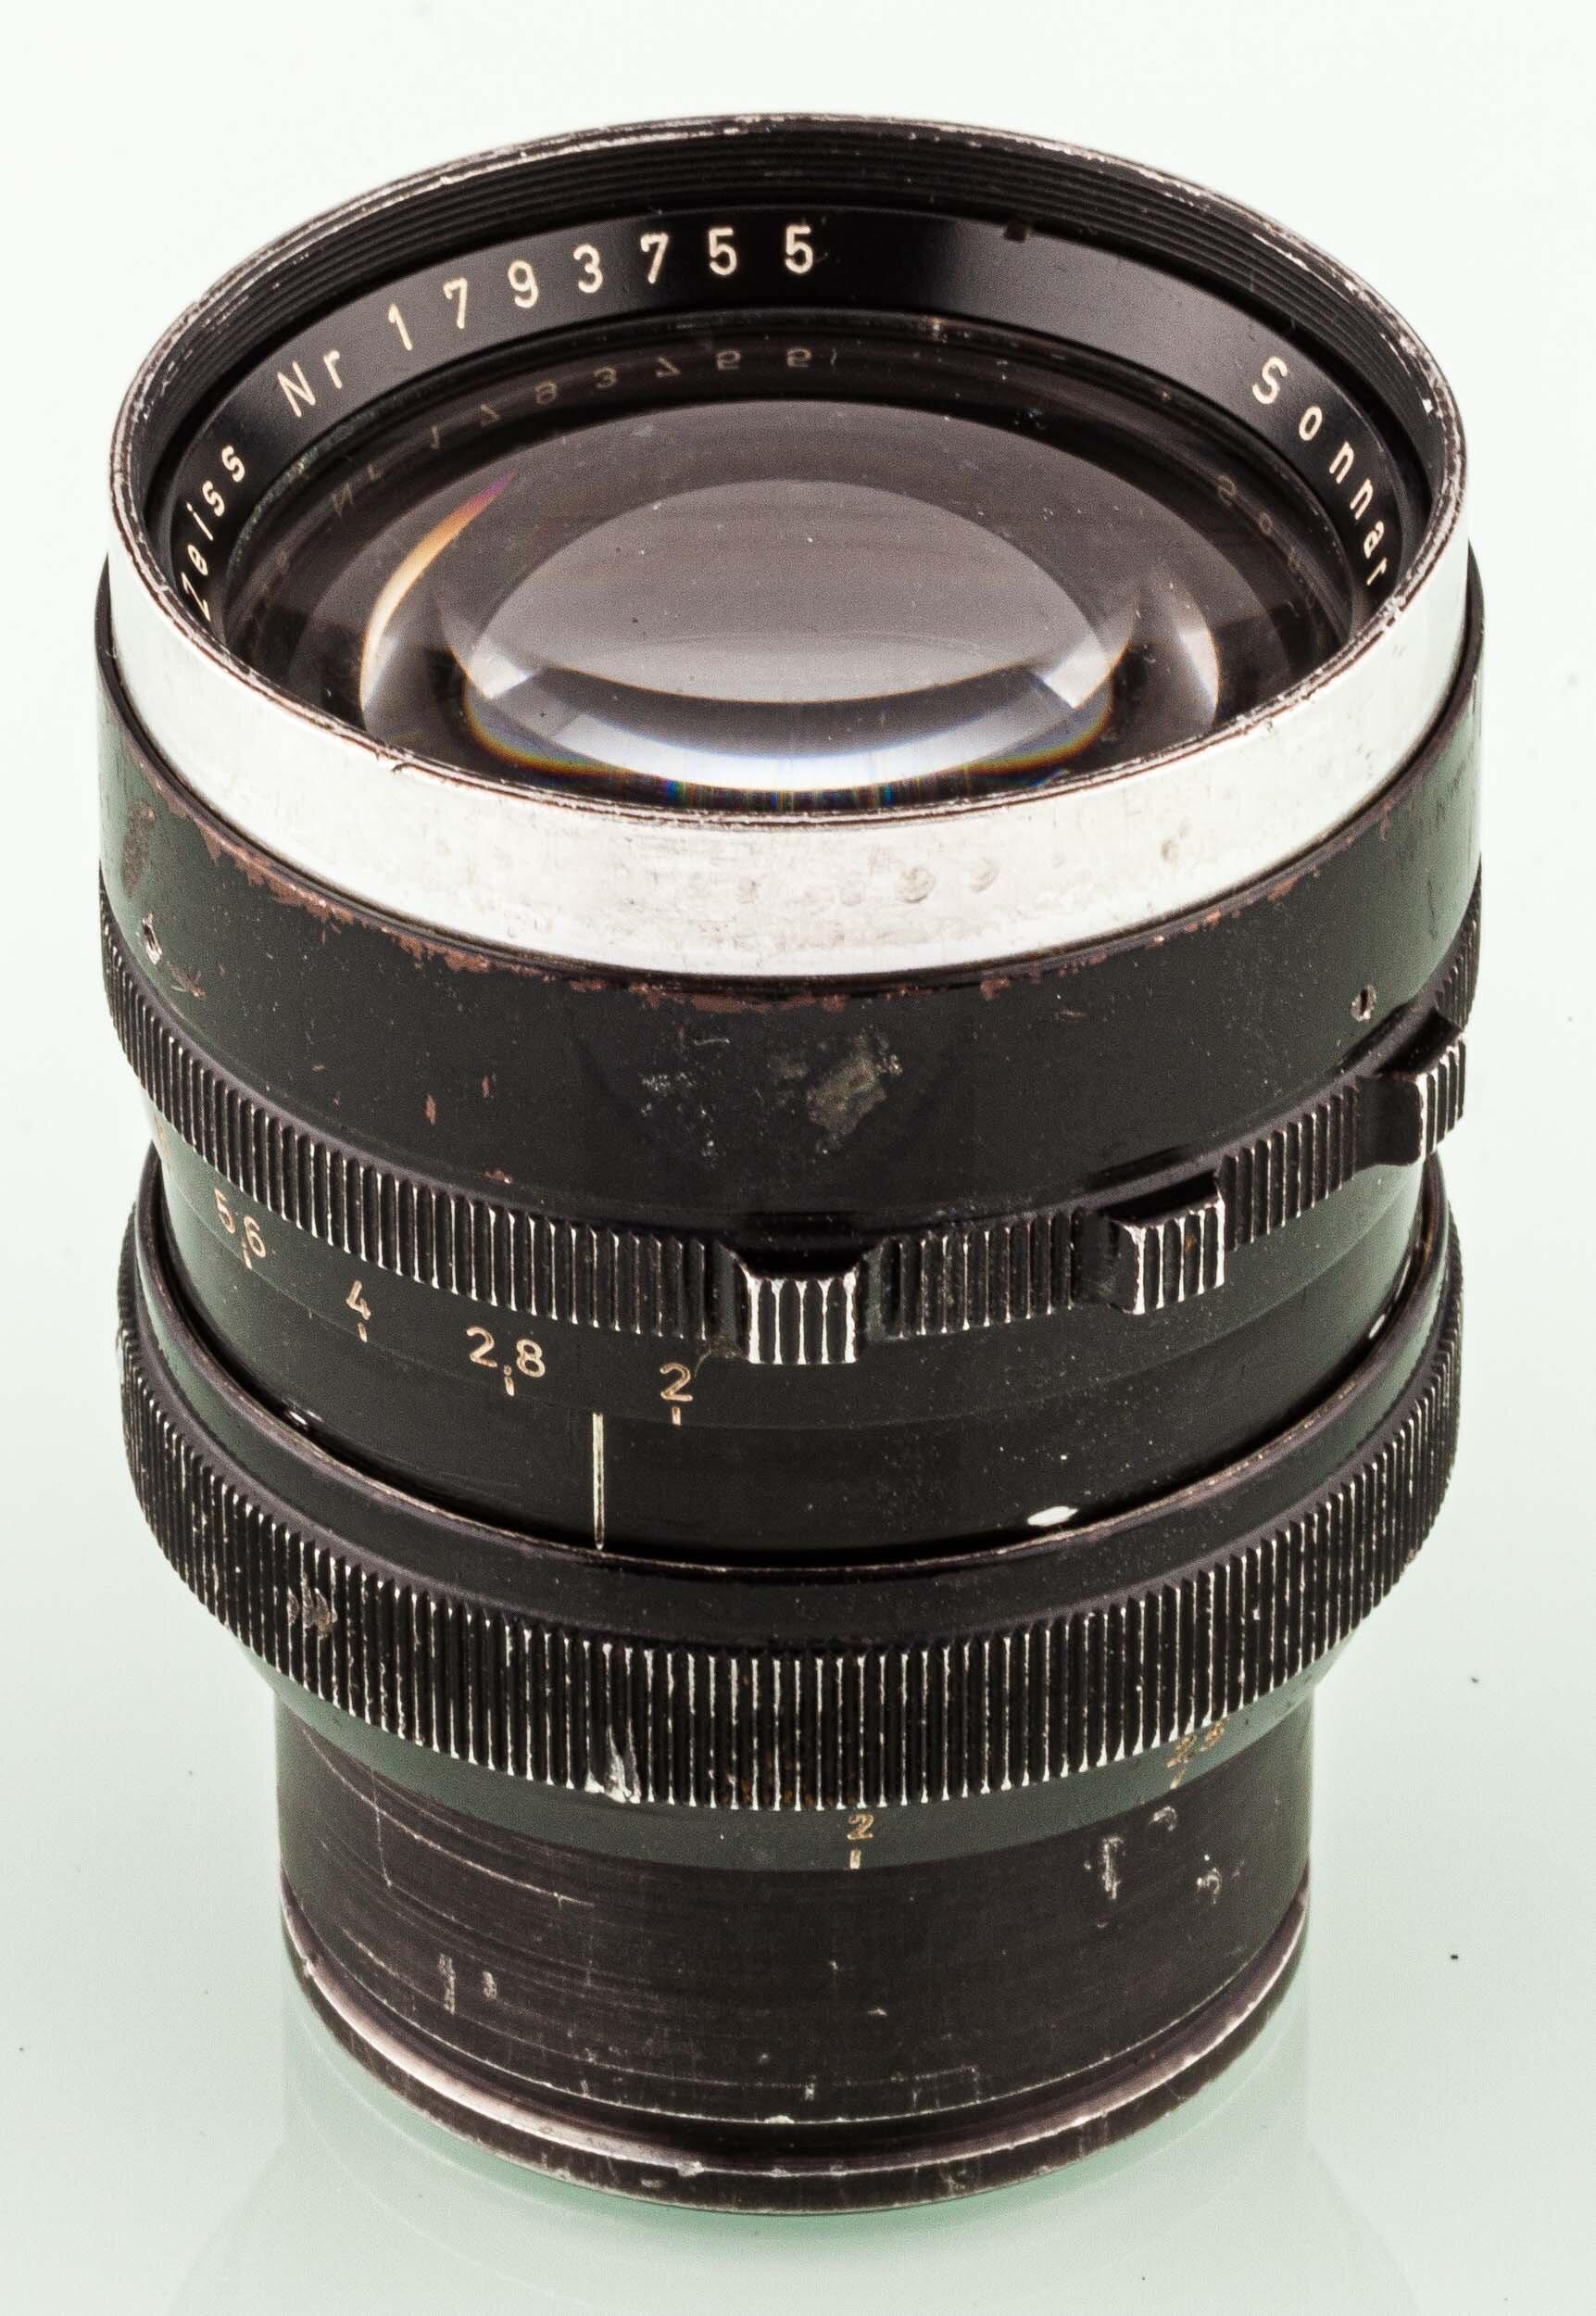 Carl Zeiss Sonnar 2/85mm Arriflex standard